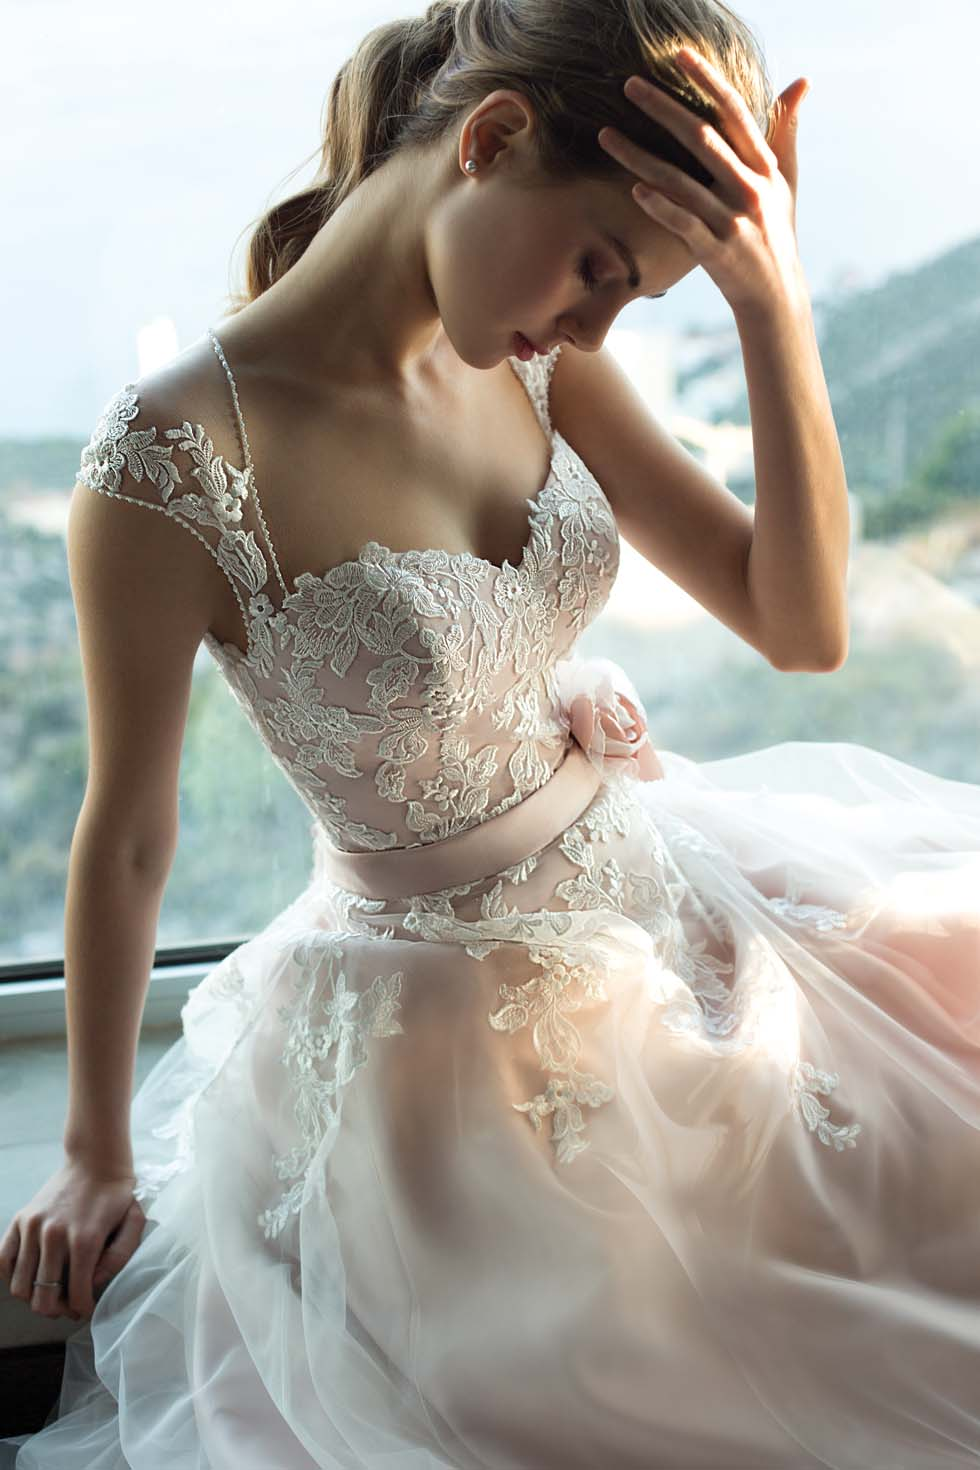 Brautkleid-Farbe Zartrosa Orea Sposa